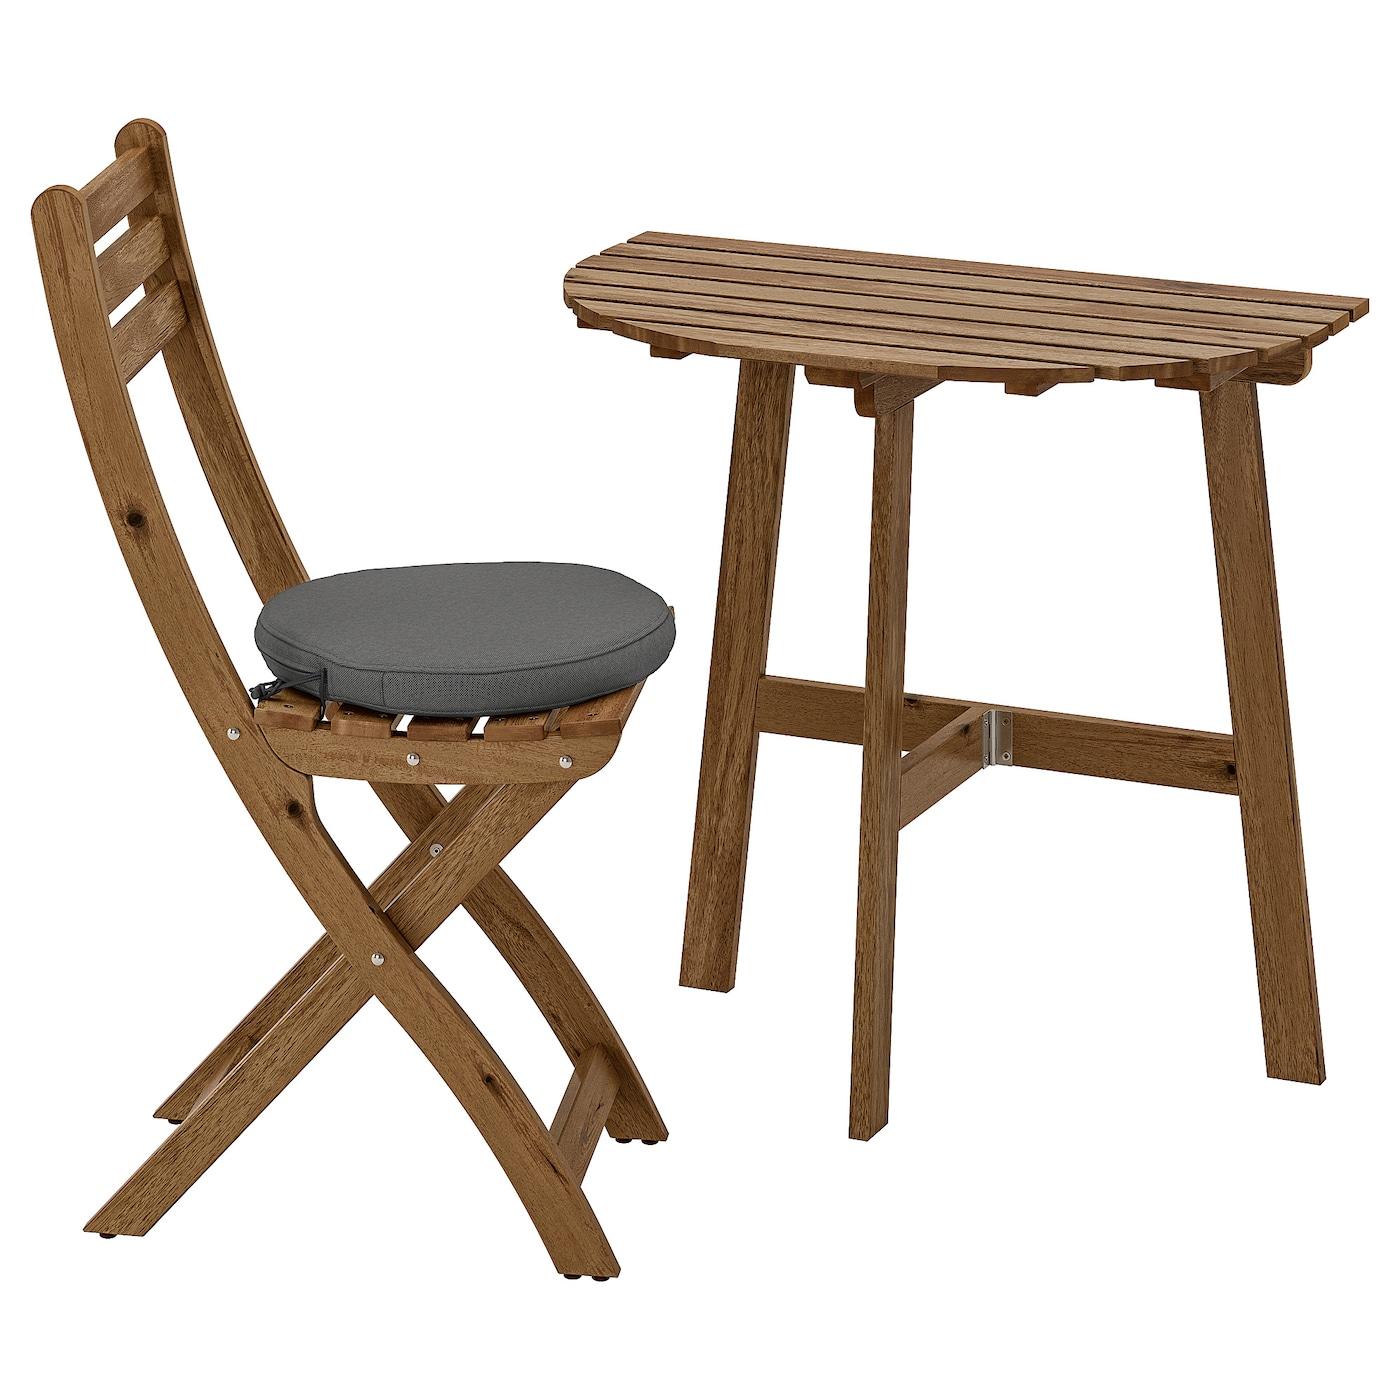 IKEA ASKHOLMEN Stolik ścienny+1 skł krzesł, zew, szarobrązowa bejca, Frösön/Duvholmen ciemnoszary